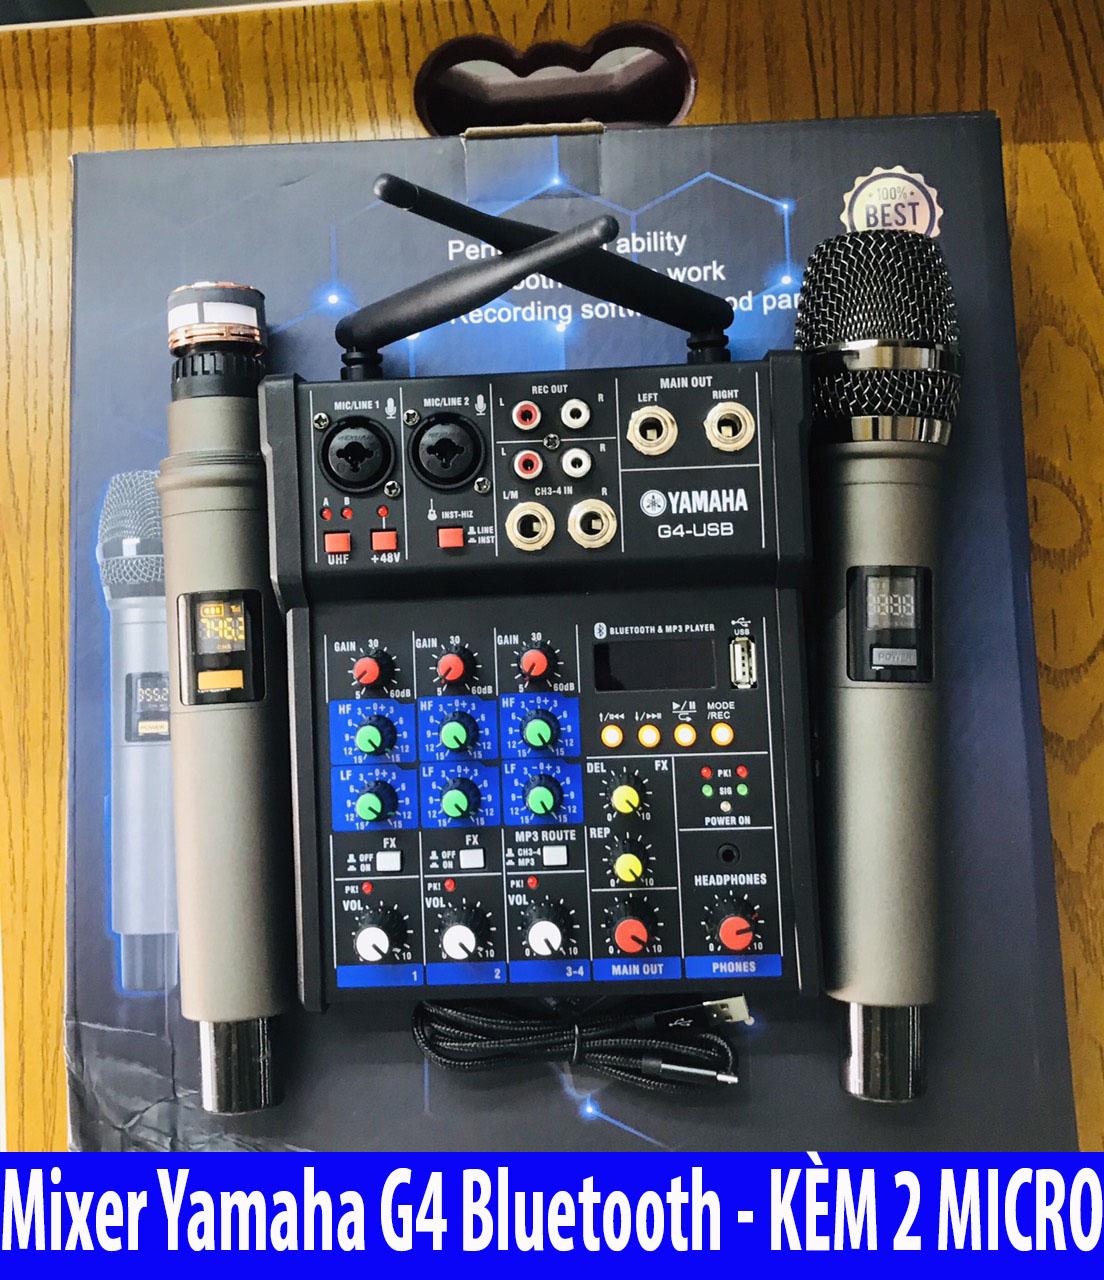 [ Xả Kho  ] Combo Trọn Bộ Mixer Yamaha G4 Bluetooth - Tặng Kèm 2 Micro Không Dây ,Bàn Mixer G4 Live Stream   Karaoke Xe Hơi Hỗ Trợ Màn Hình LED Có Bluetooth Dành Cho Loa Kéo - Âmly Dàn Hát Karaoke Gia Đình Âm . Bảo Hành 12 Tháng